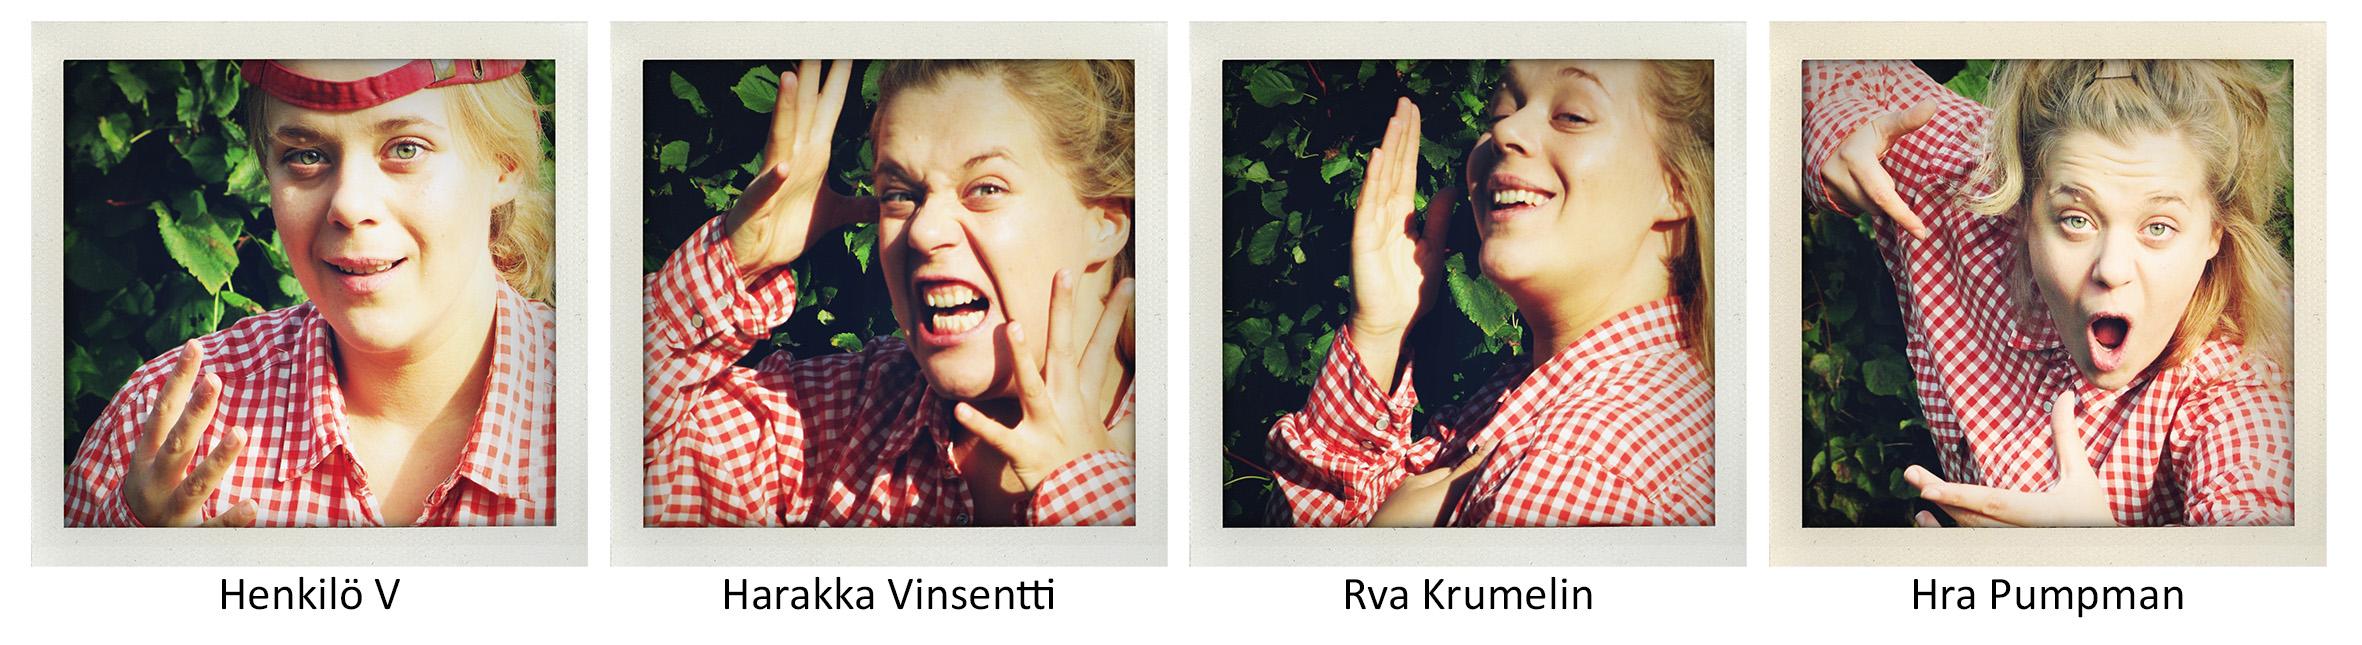 Näytelmän V ja Vinsentti hahmoja esittää sama henkilö.